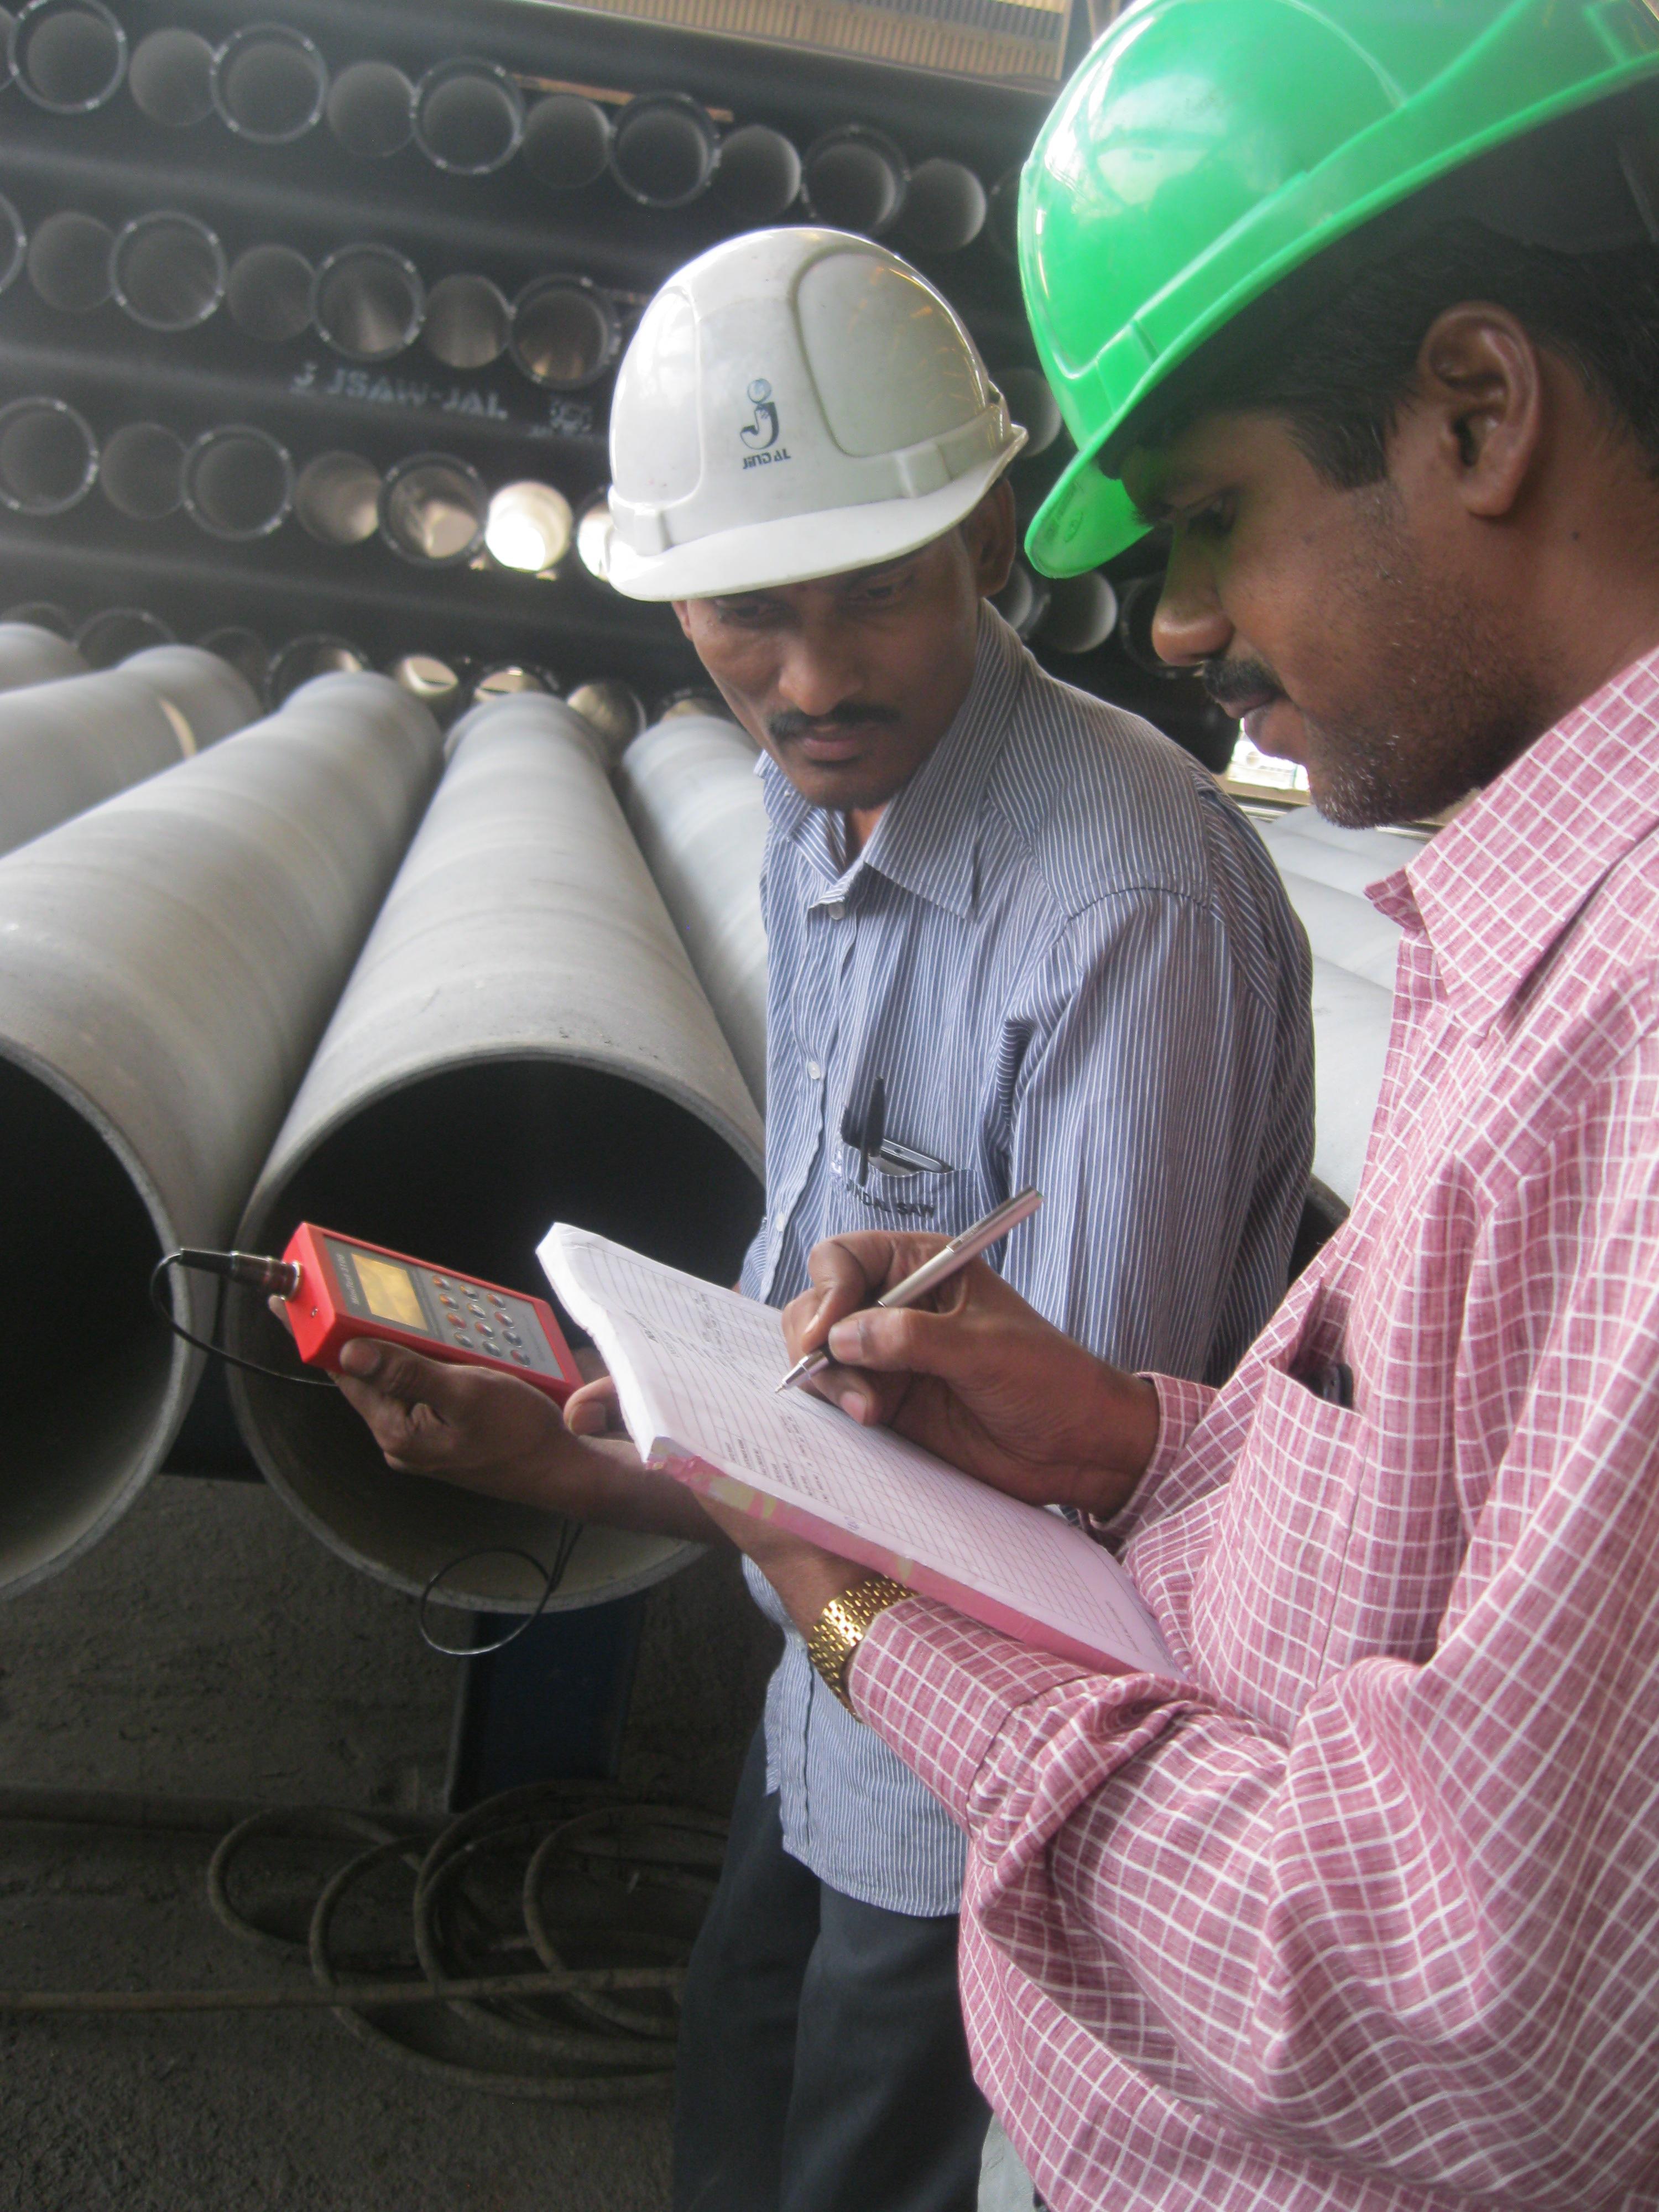 Nadzor tvornice duktilnih cijevi-ispitivanje prema zahtj.inspektora ZIK-a - Indija- 11-2013-3